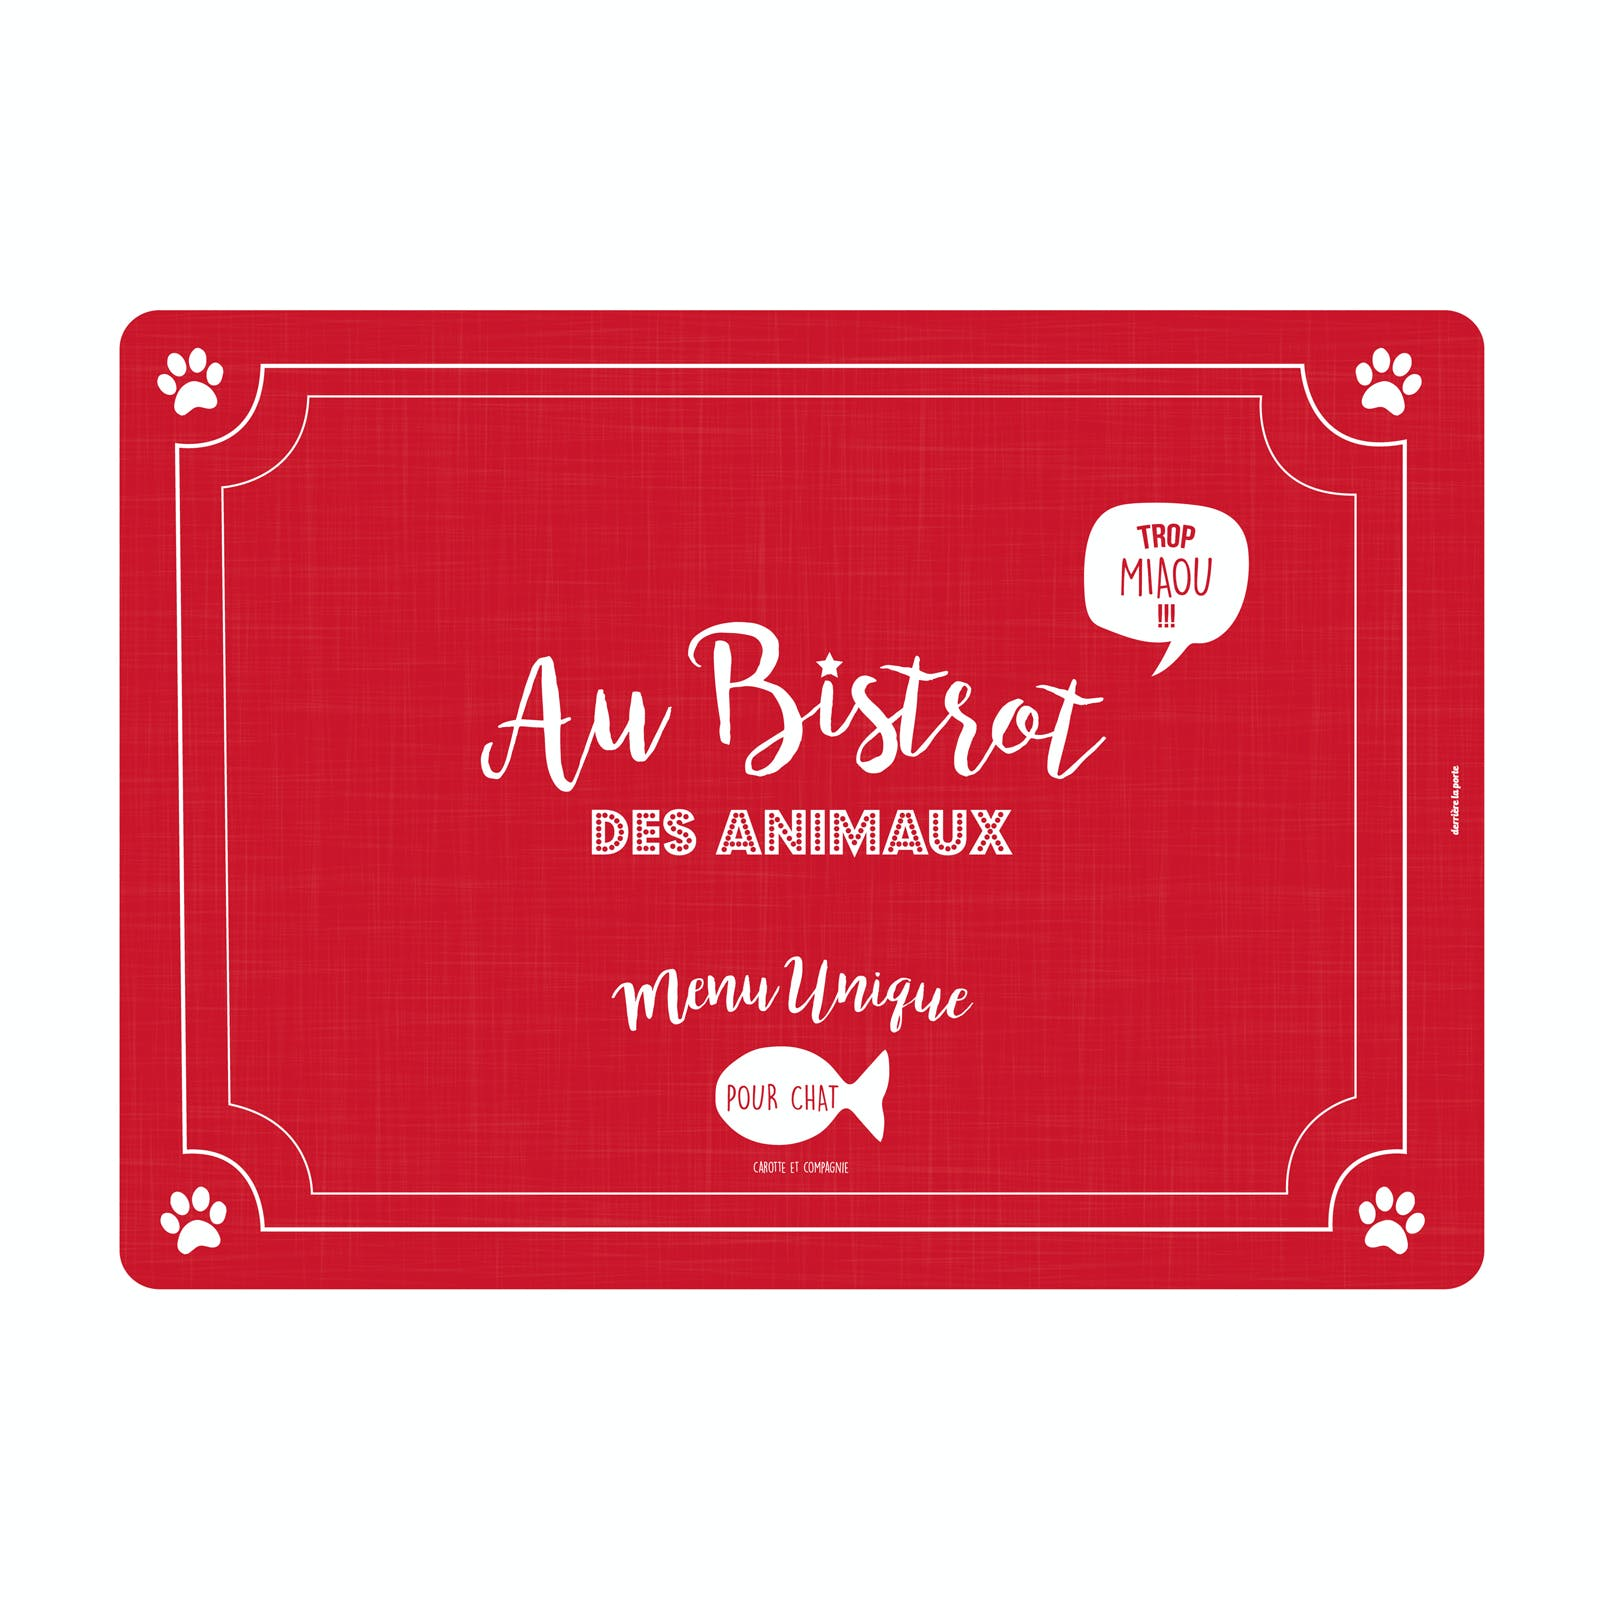 BISTROT DES ANIMAUX  Tapis de Chat rouge 46x33cm DLP